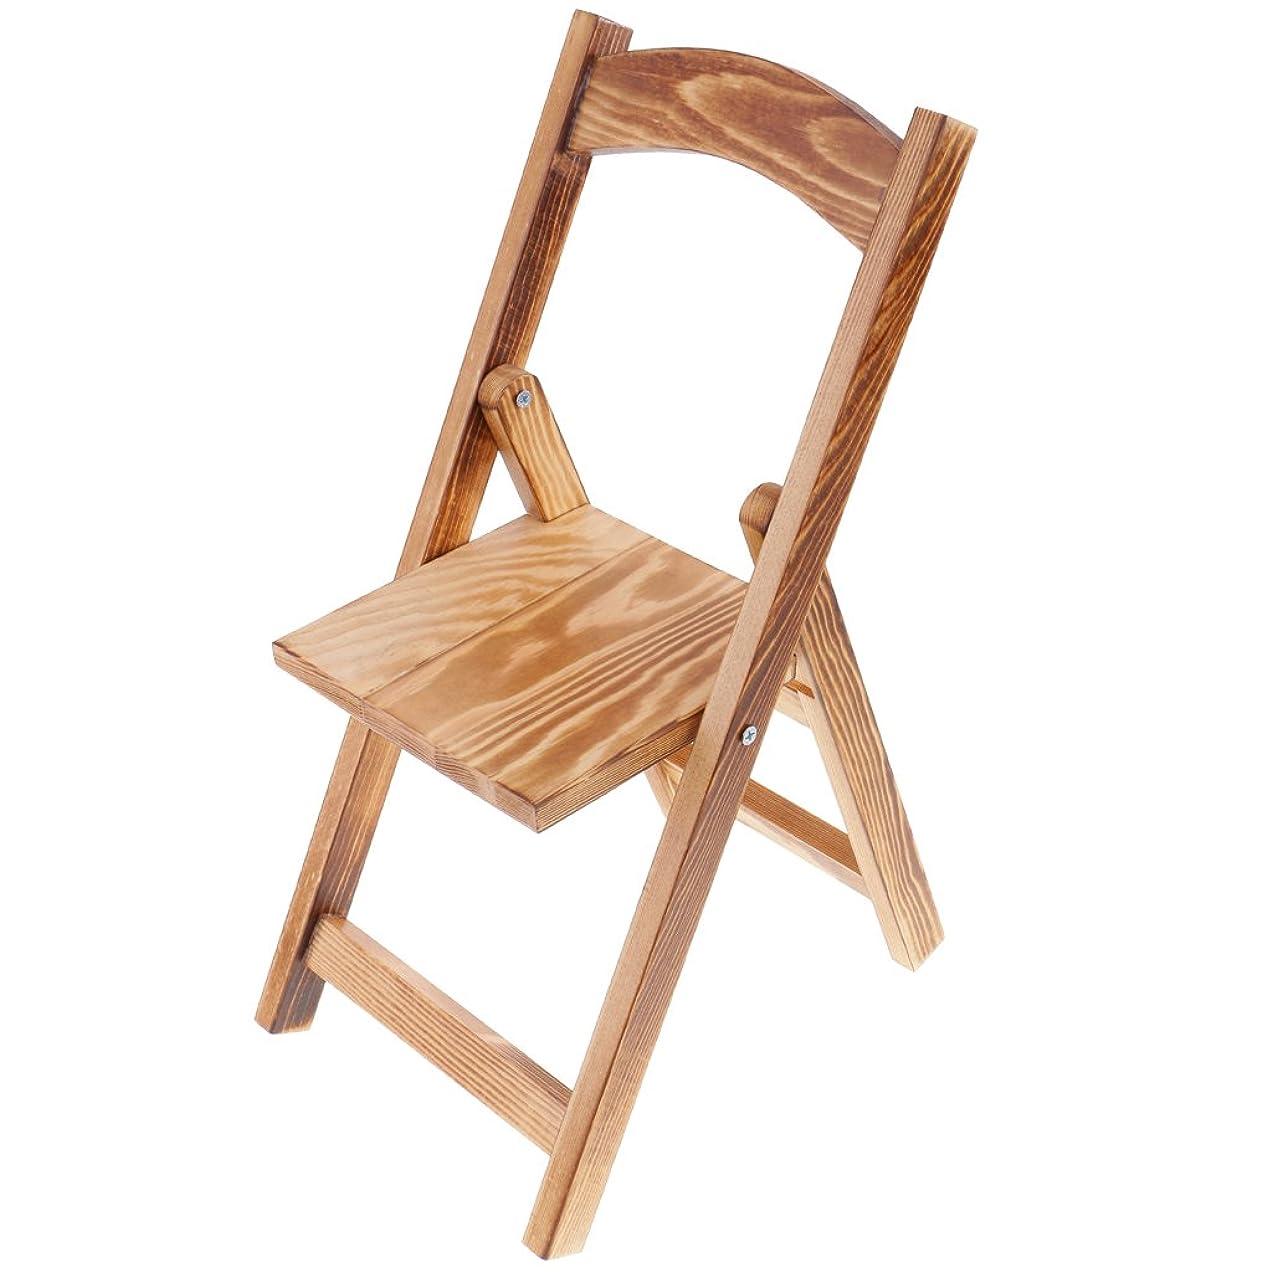 のれん絶えず鋸歯状Dovewill  1/3スケール BJDドール適用 人形 木製 折り畳み 椅子